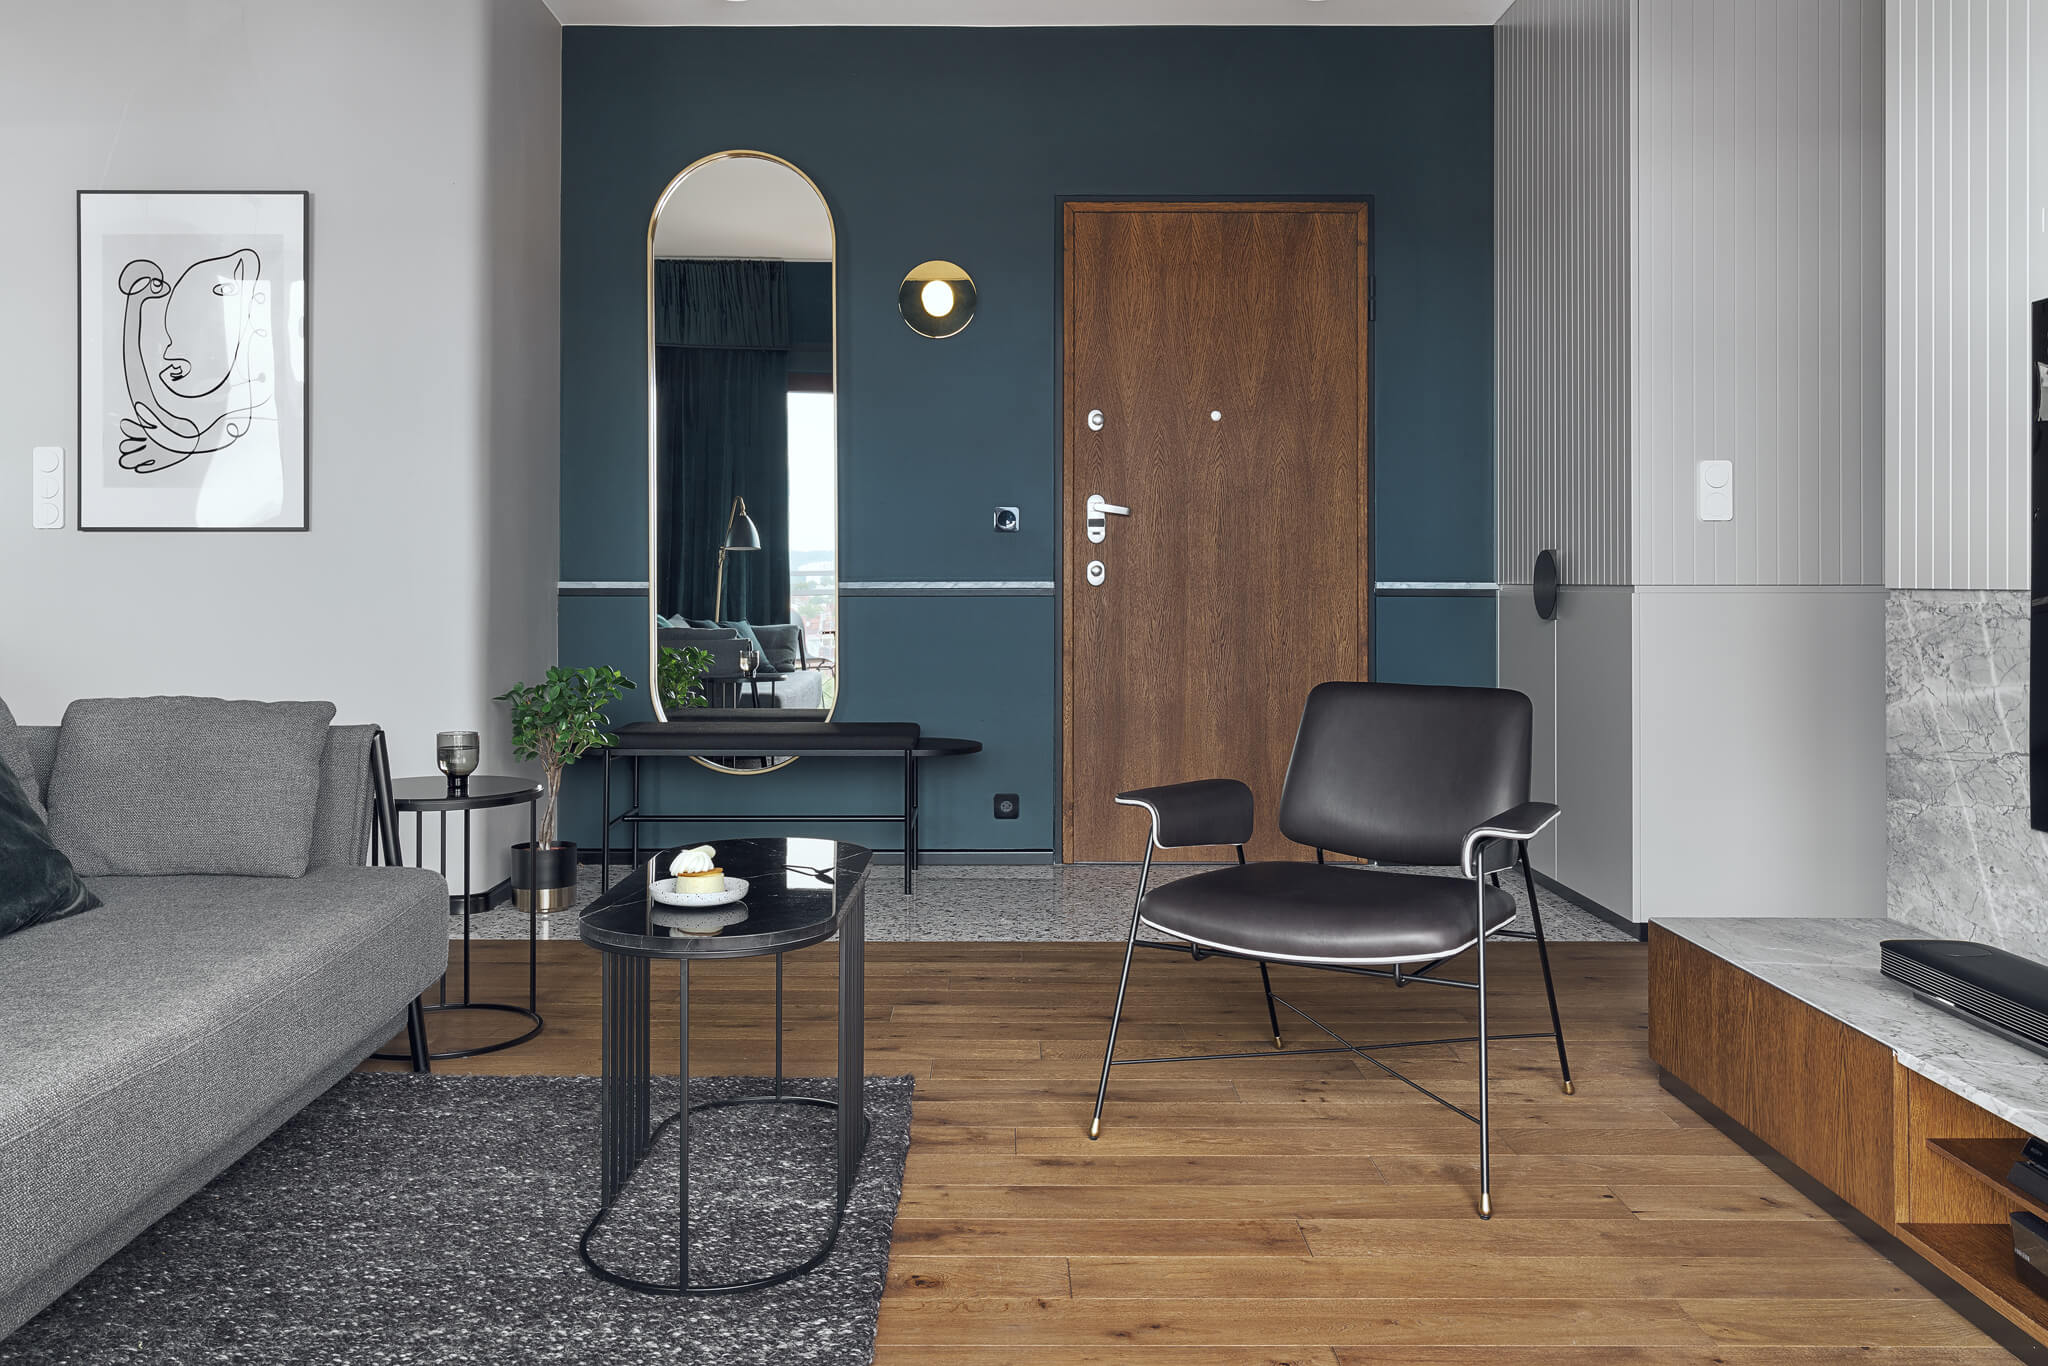 Apartment in Gdańsk by Raca Architekci